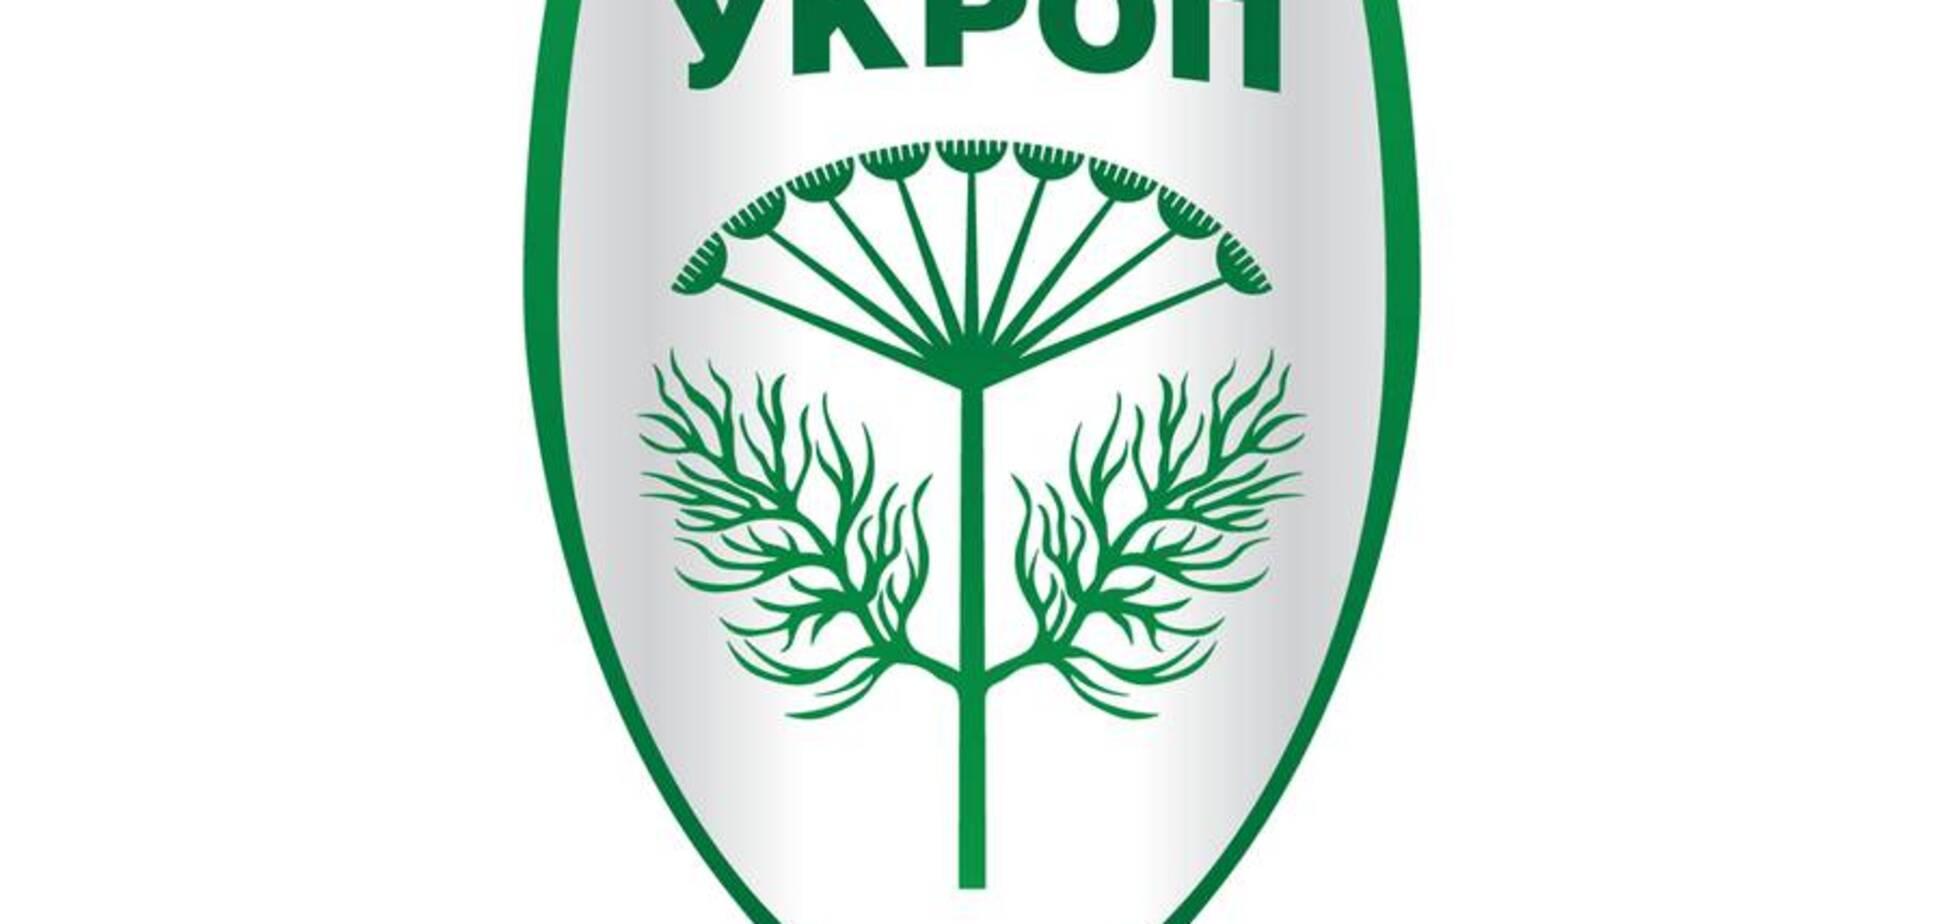 На Харьковщине агитаторы 'УКРОПА' уничтожили плакаты конкурента